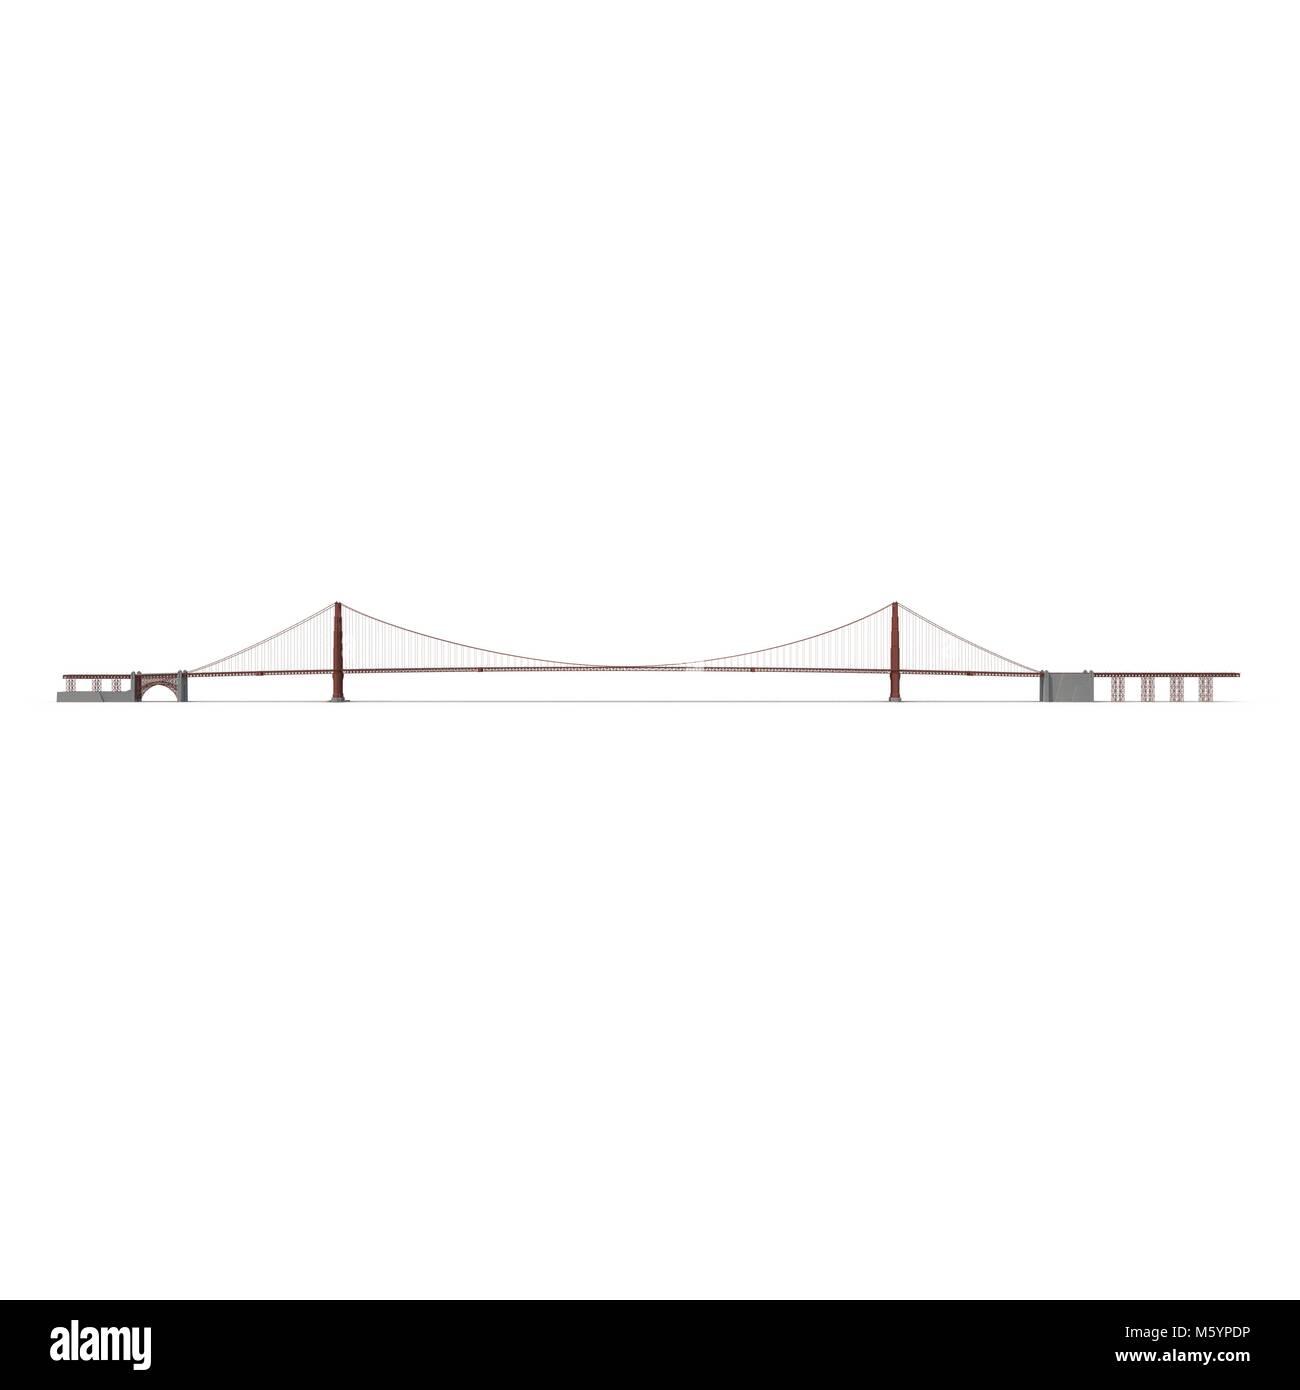 Golden Gate Bridge On White 3d Illustration Stock Photo 175787298 Diagram Of The